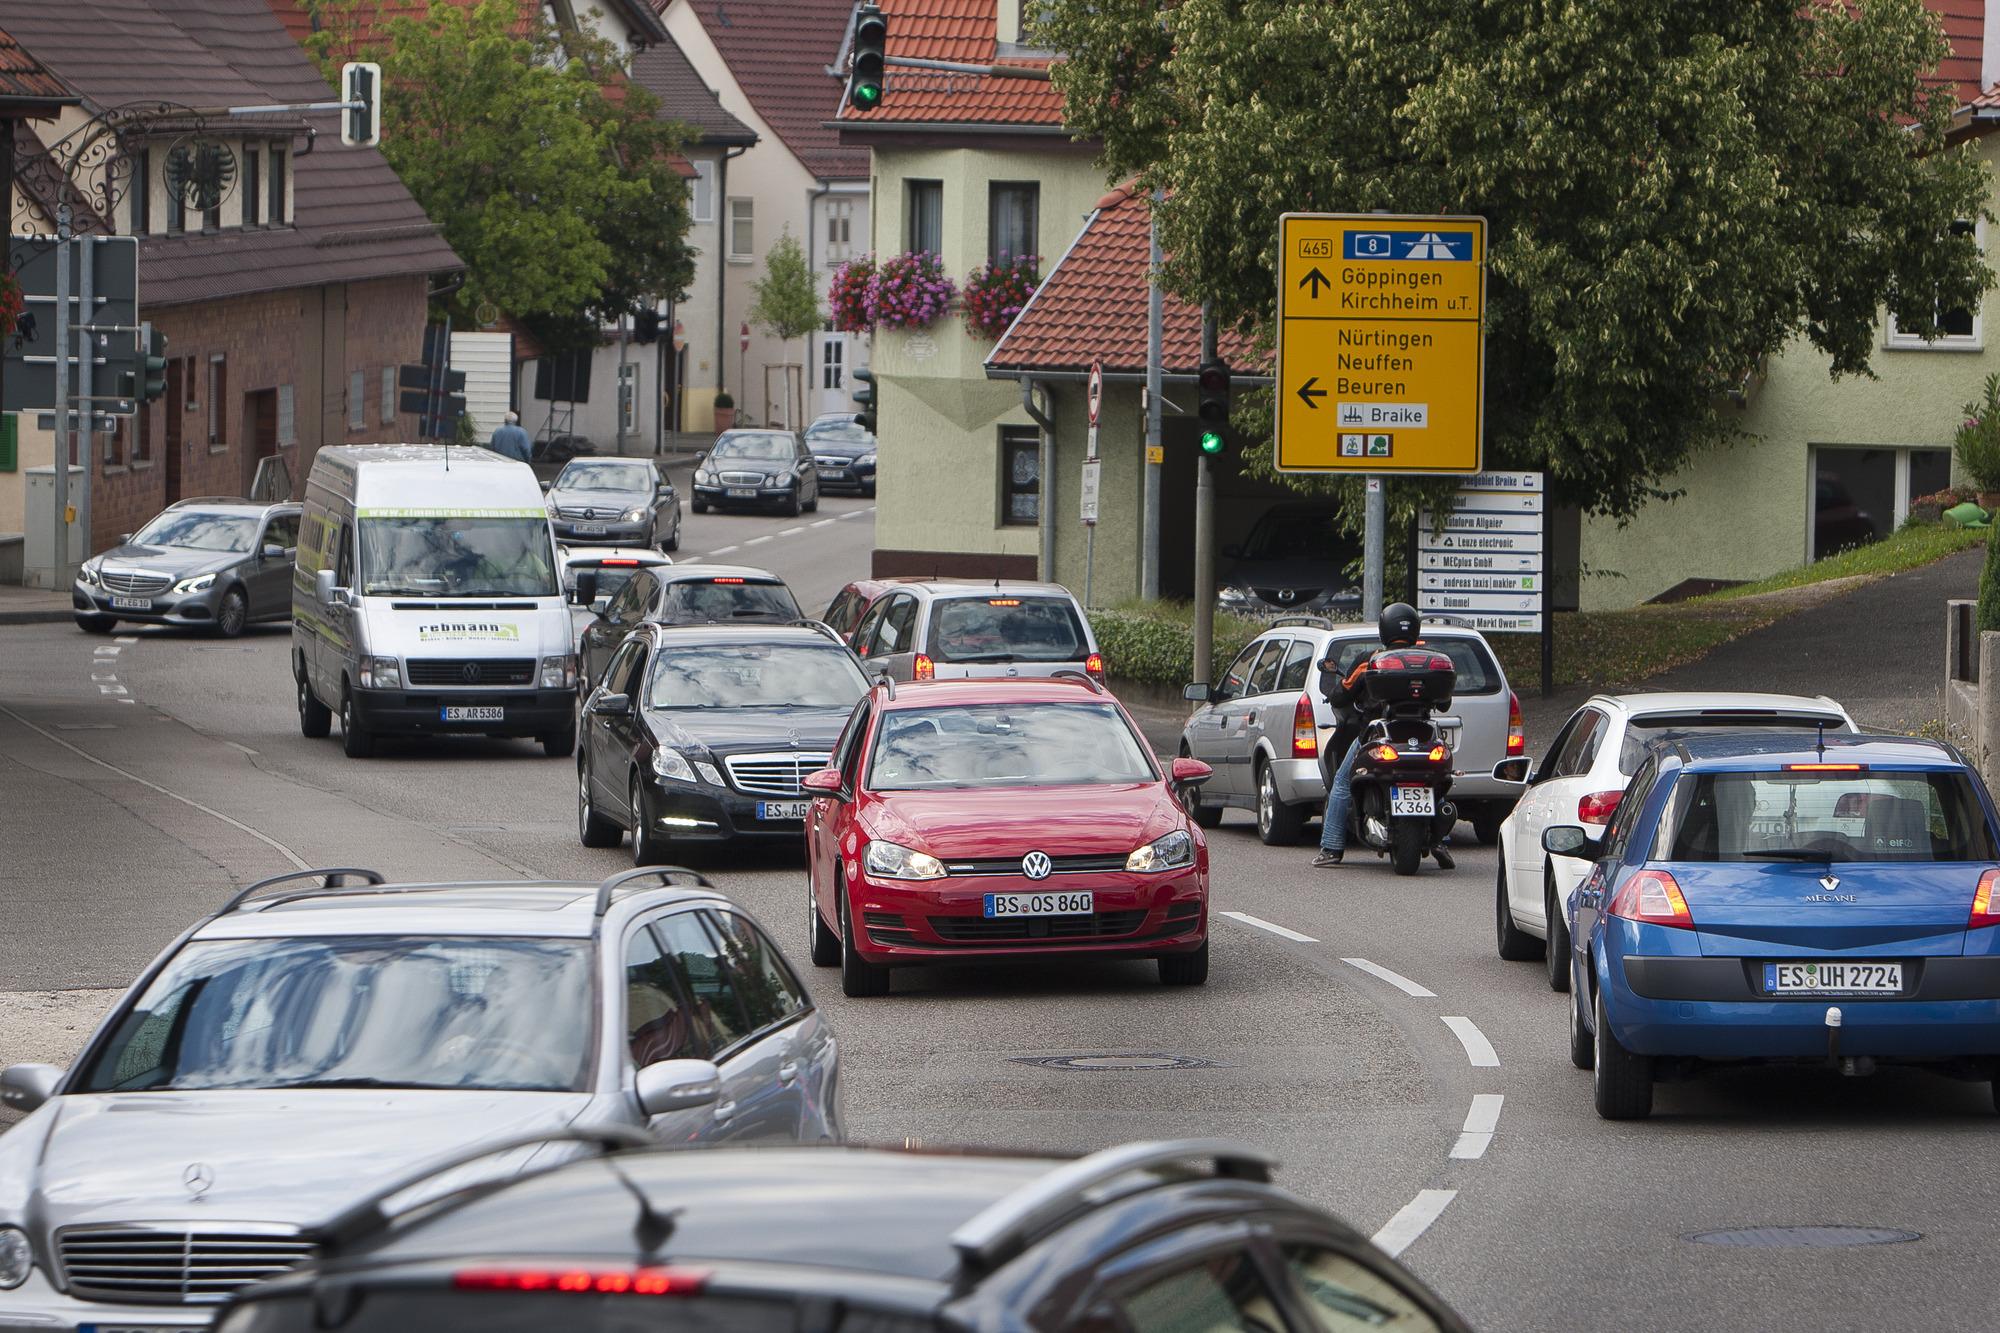 """Sperrungen verlagern den Verkehr nur"""" - Startseite - Teckbote"""